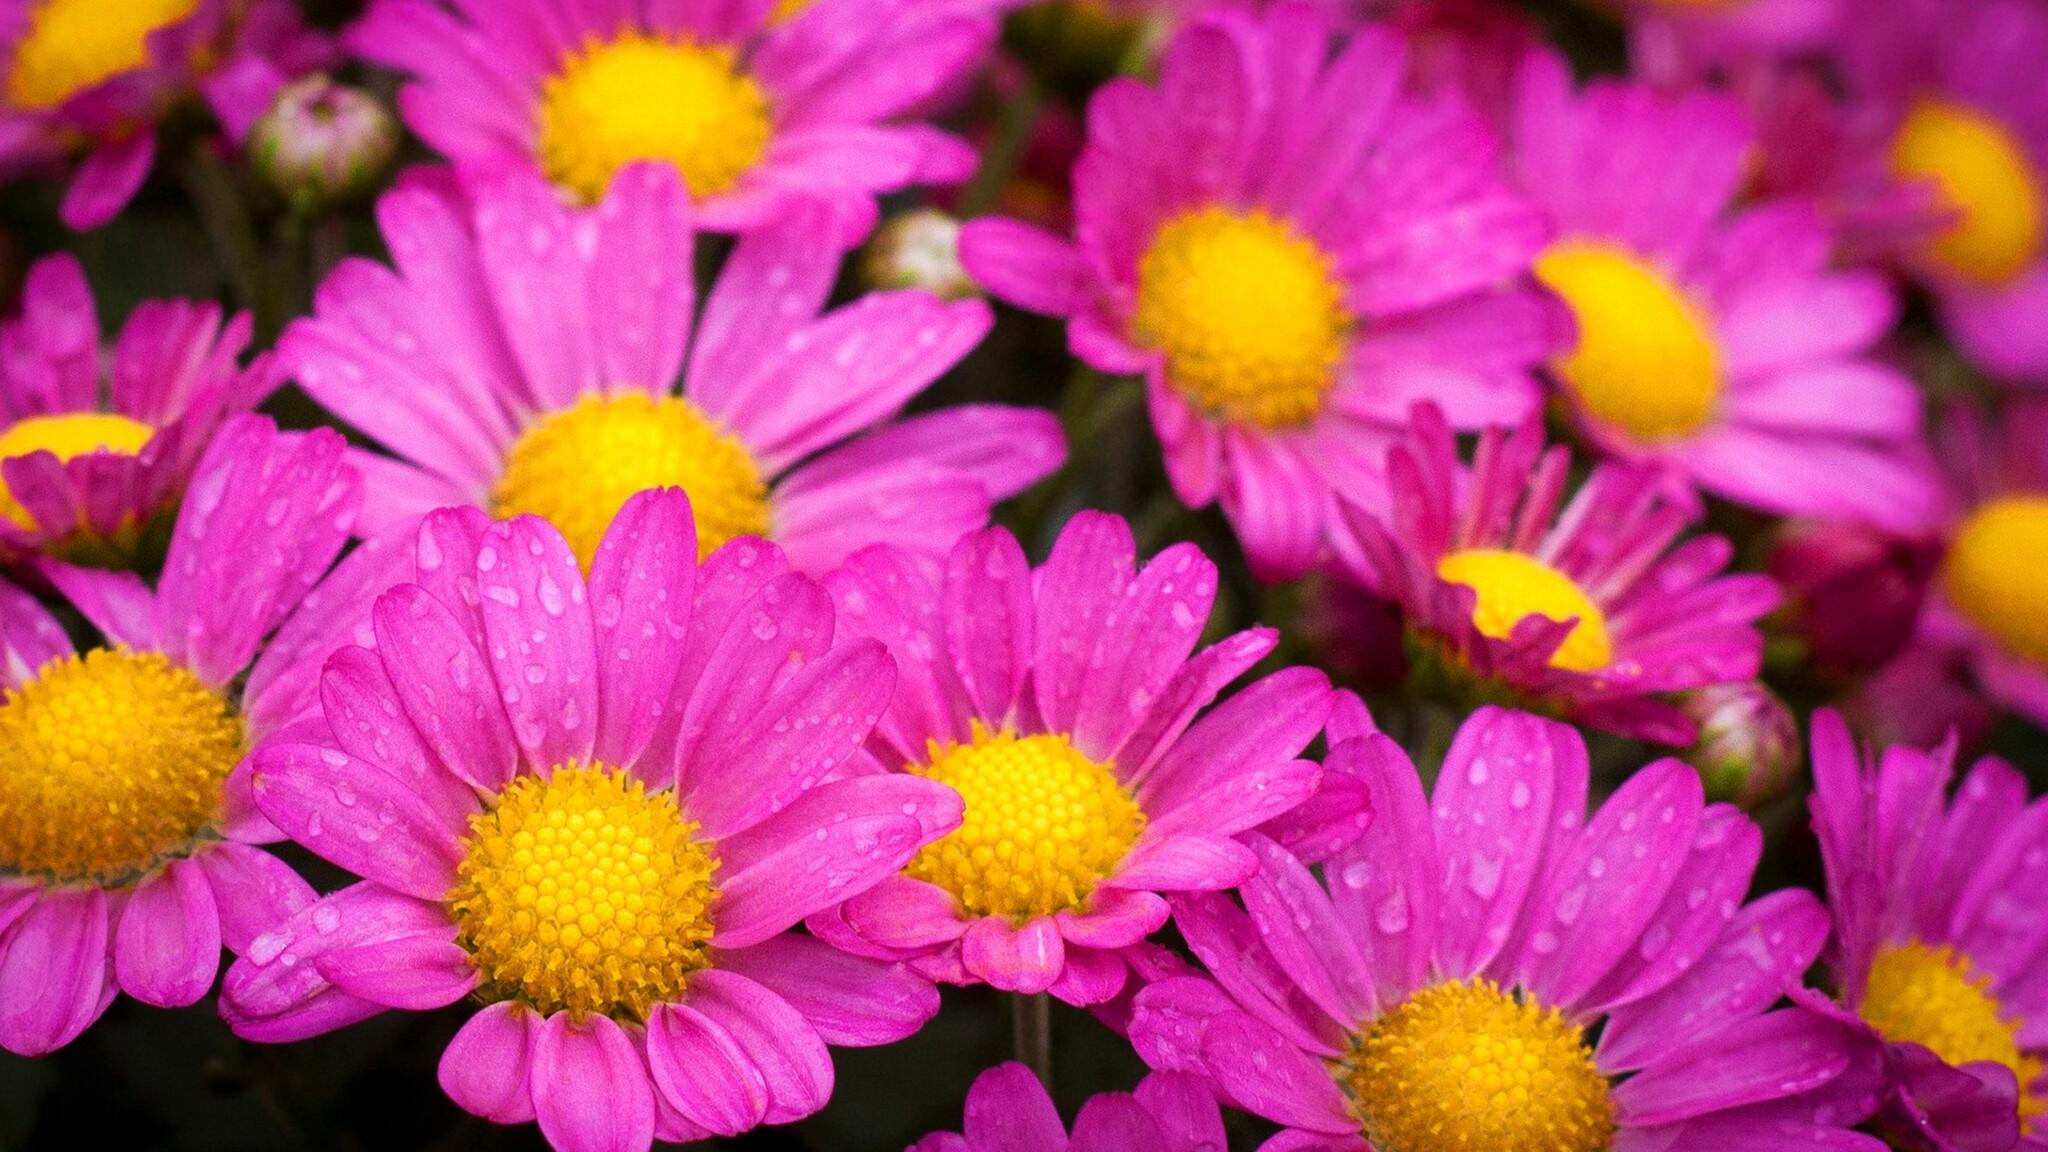 water-drops-on-pink-daisies.jpg